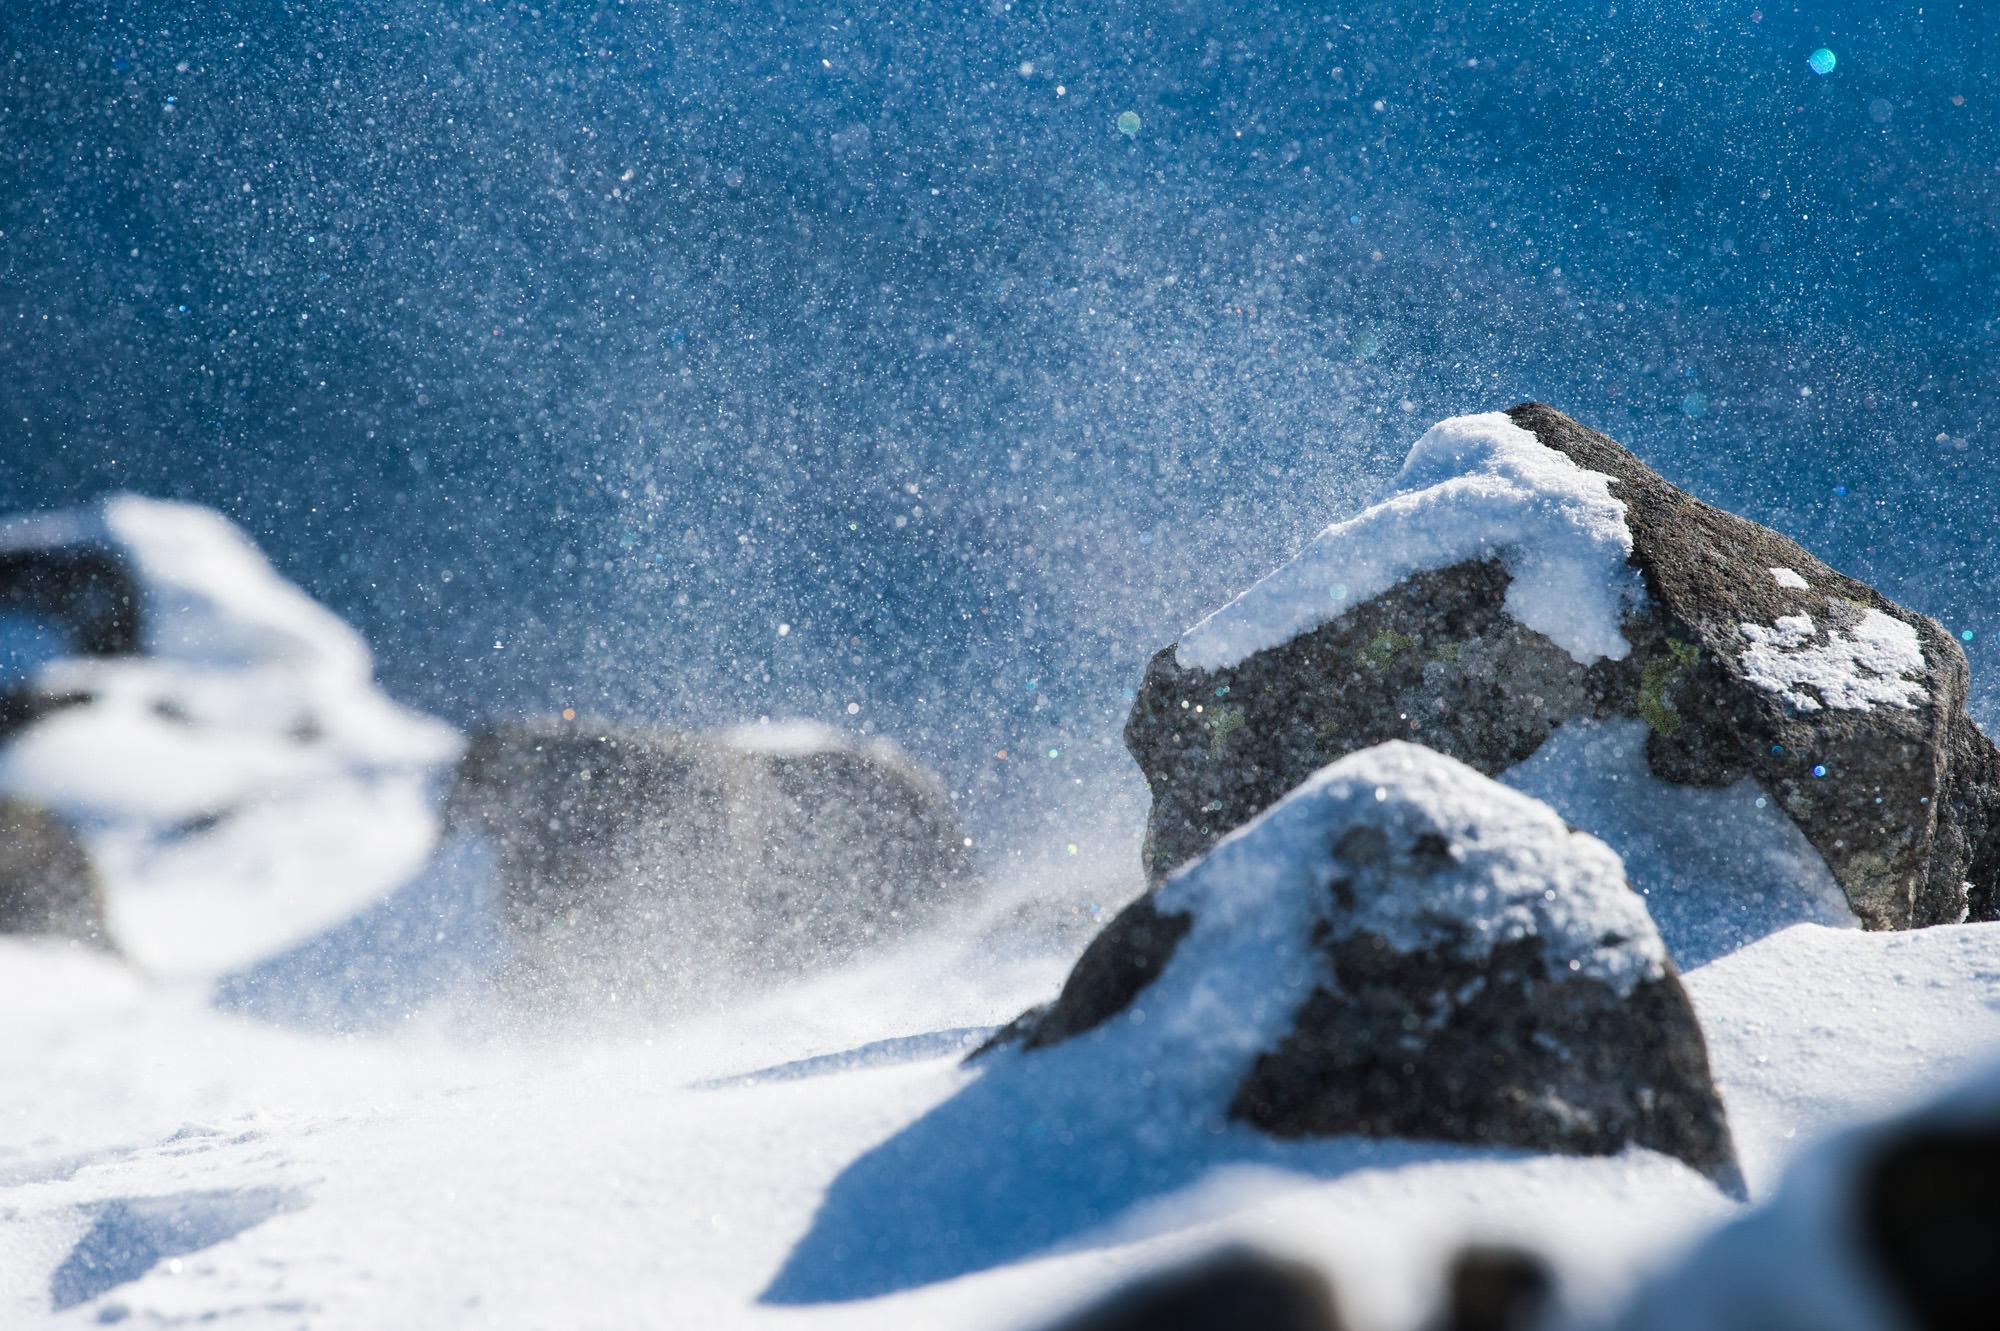 舞い上がる雪の粒子